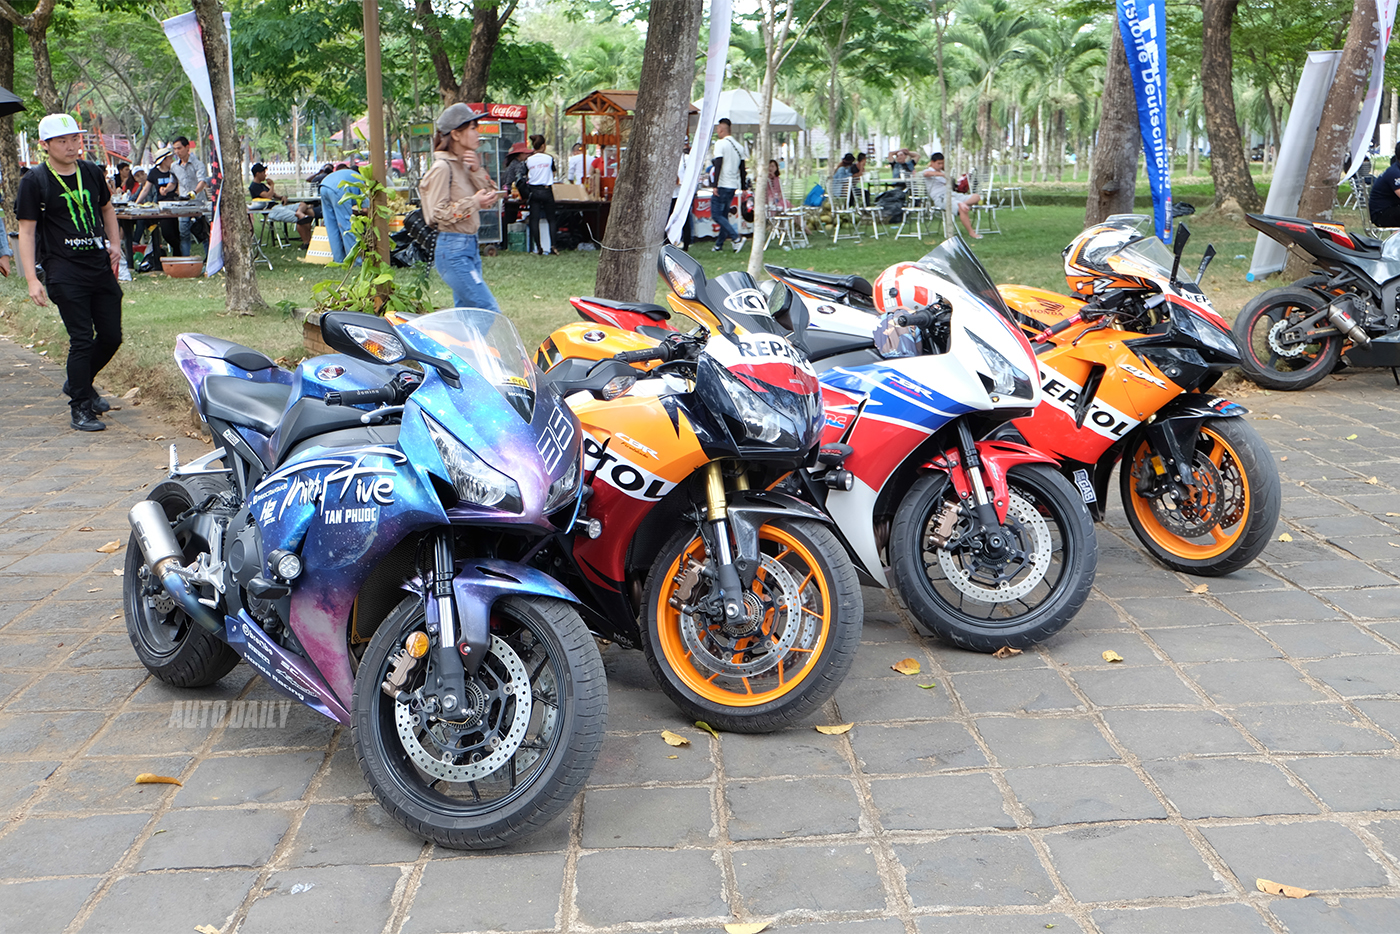 vietnam-motor-festival-2018-18.jpg